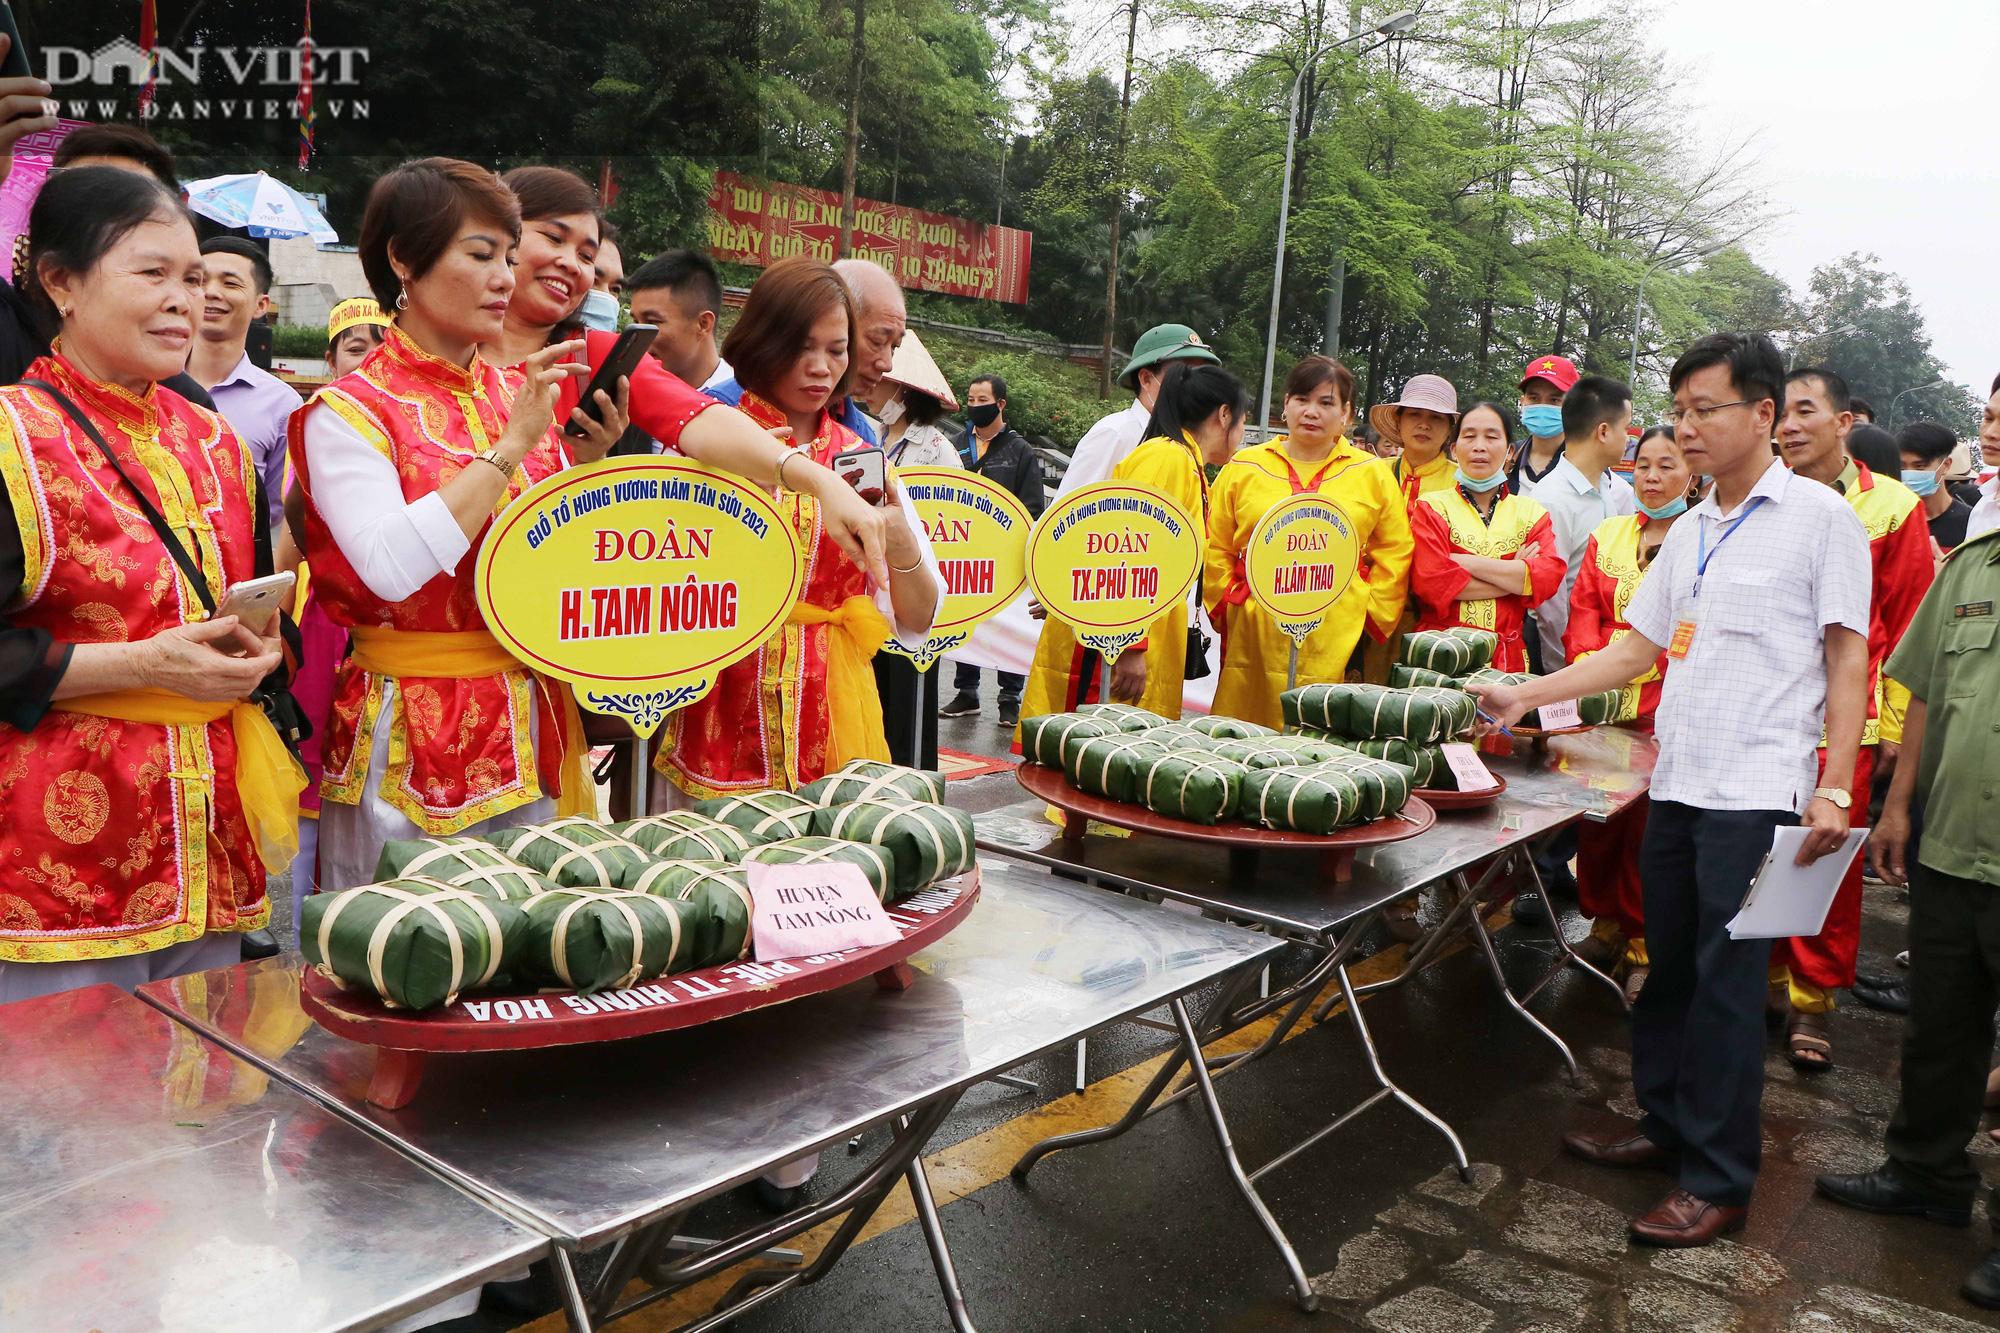 Phú Thọ: Sôi nổi Hội thi gói, nấu bánh chưng, giã bánh giầy tại Đền Hùng - Ảnh 3.